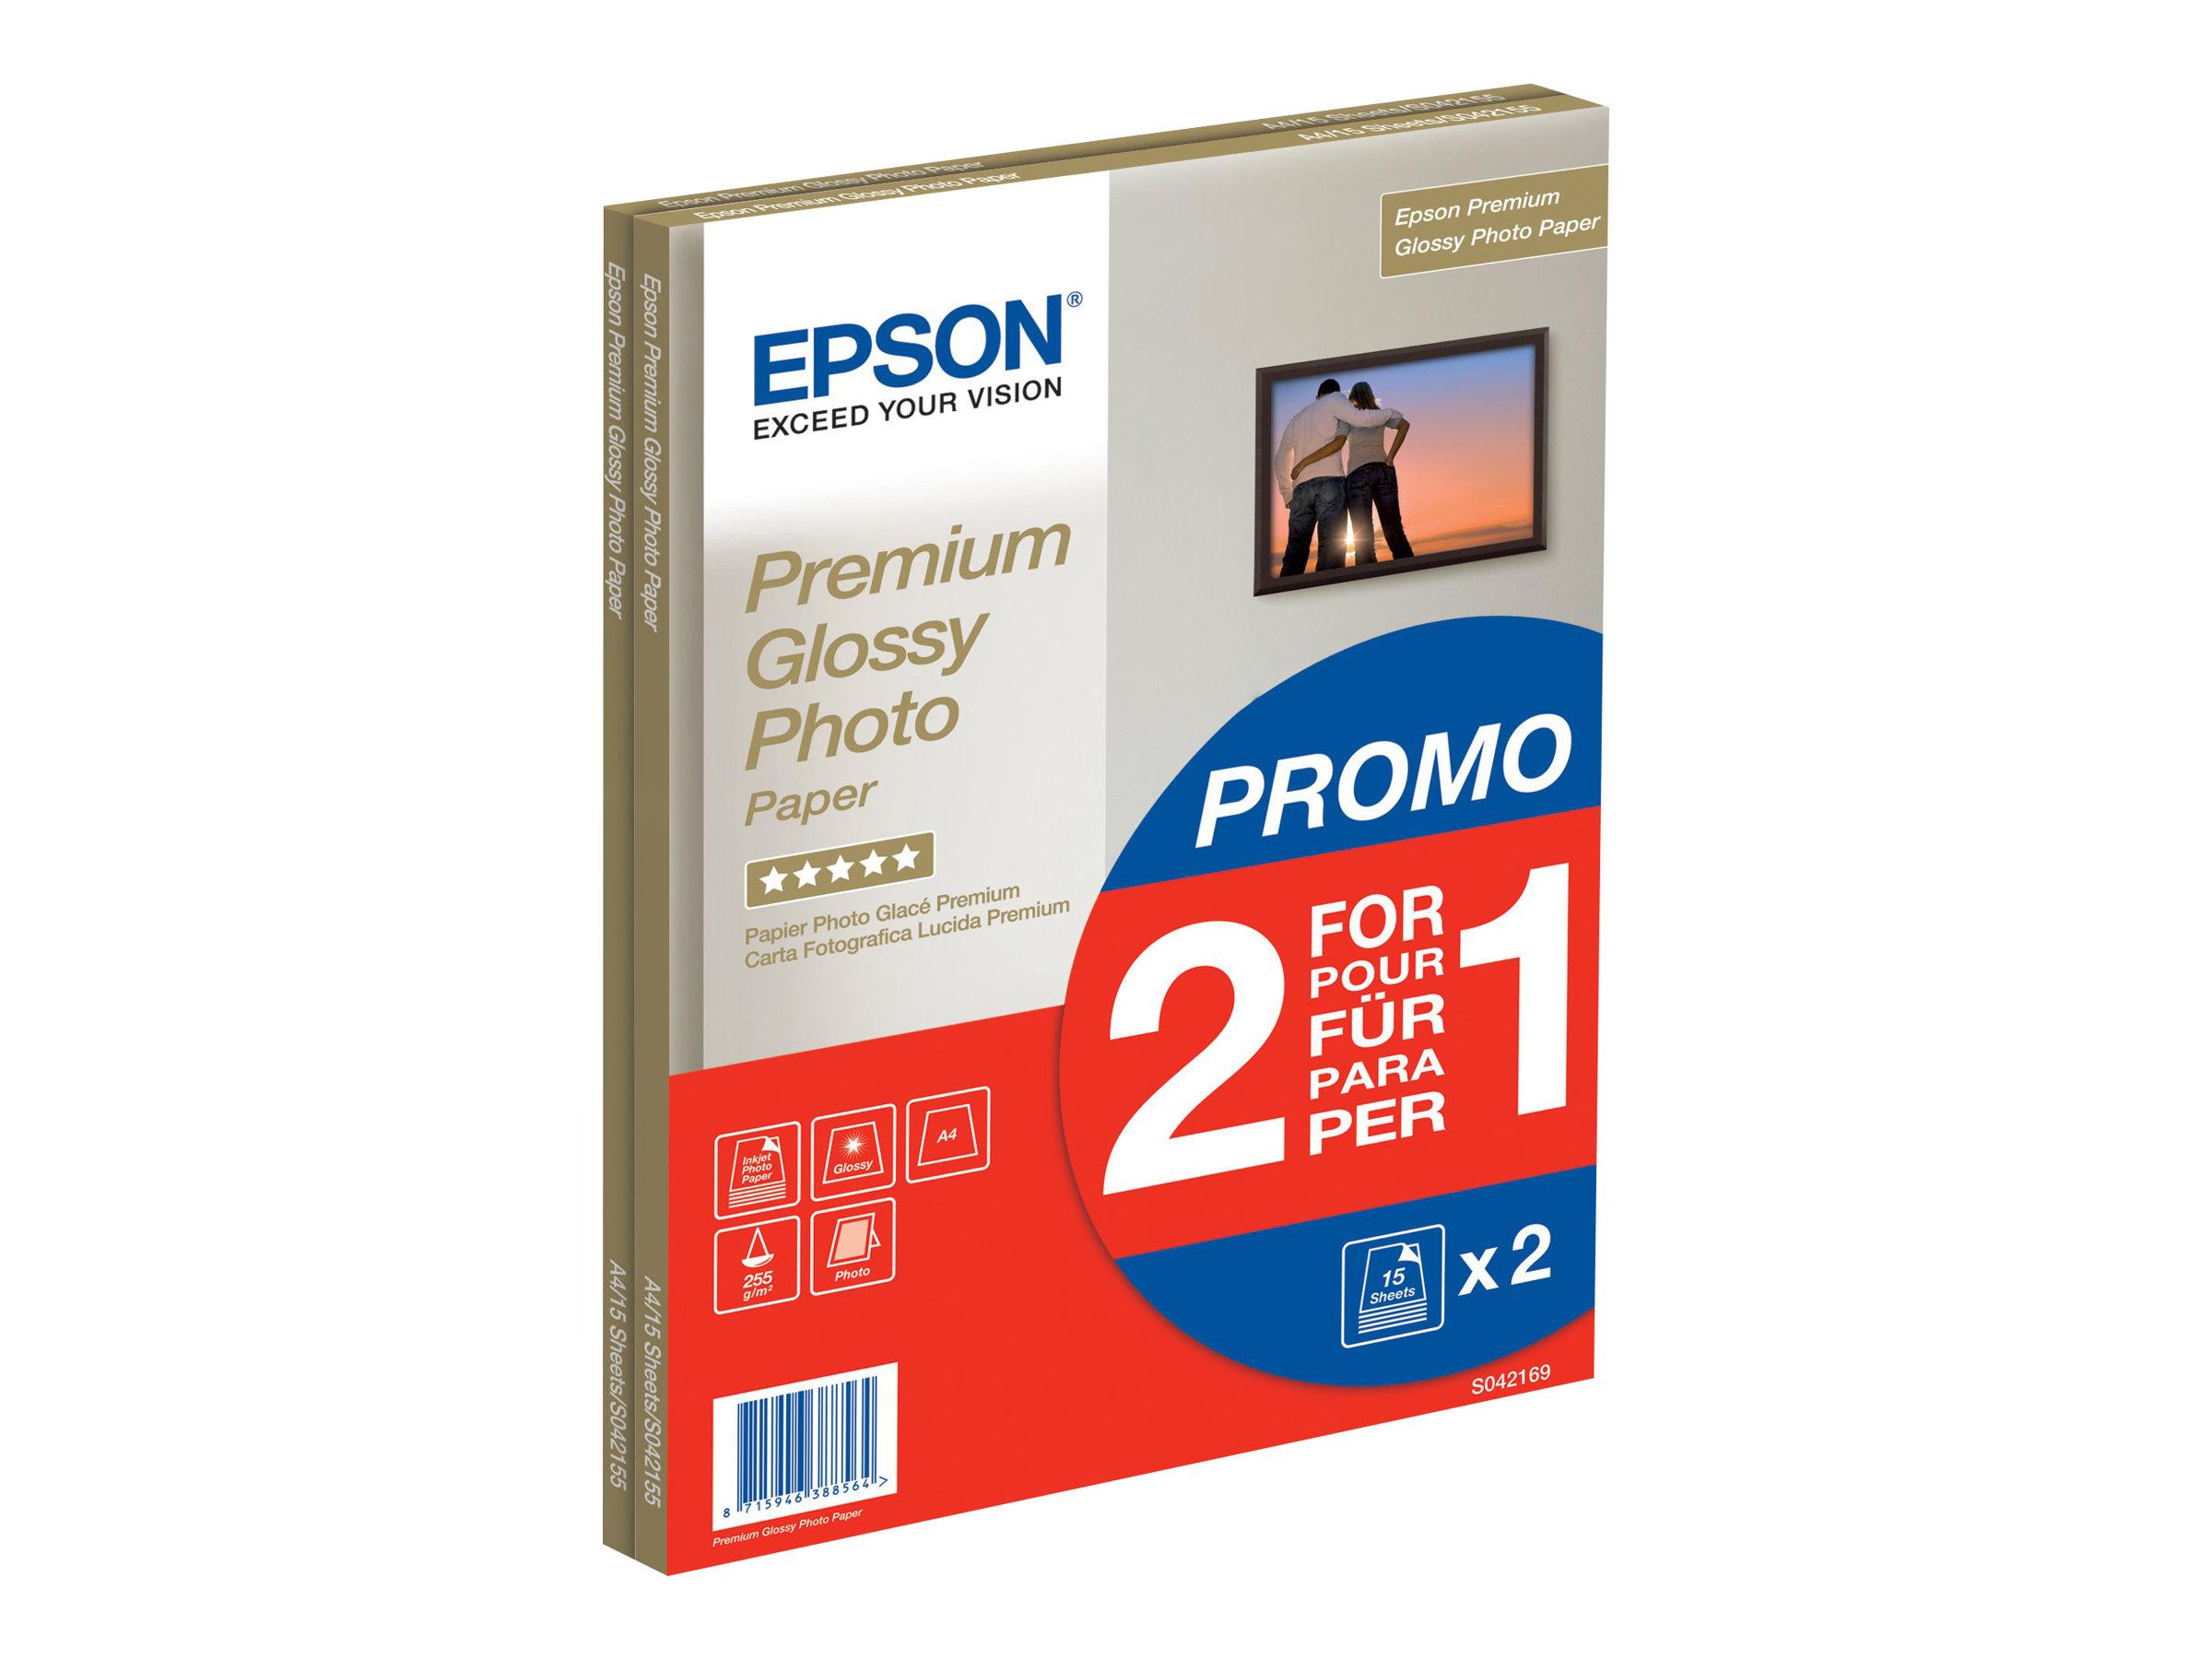 Epson Premium Glossy Photo Paper BOGOF - Glänzend - A4 (210 x 297 mm) - 255 g/m² - 15 Blatt Fotopapier (Packung mit 2) - für Eco